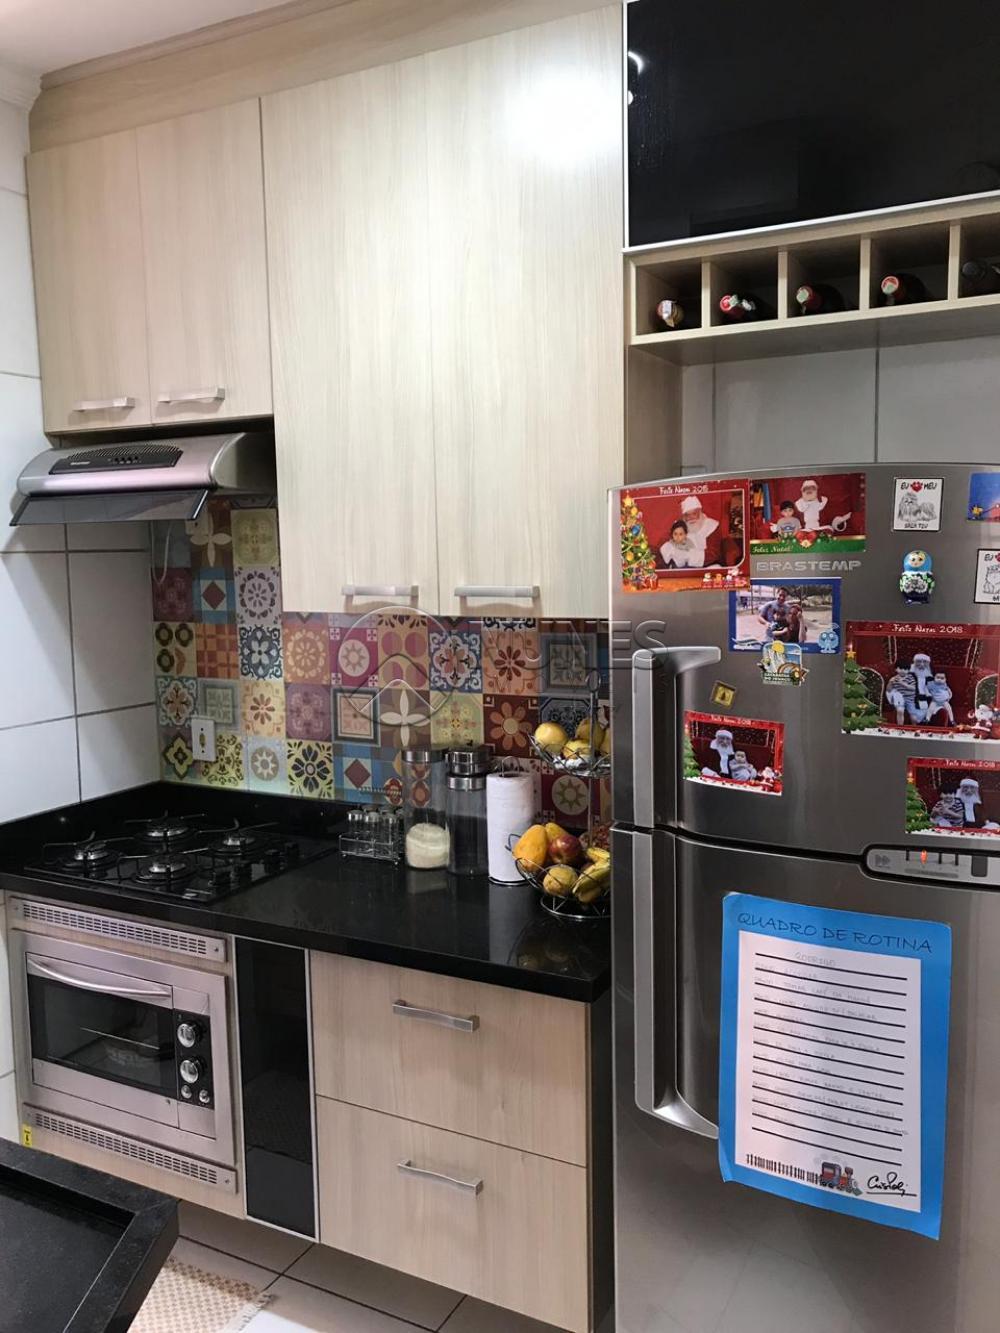 Comprar Apartamento / Padrão em Osasco apenas R$ 230.000,00 - Foto 6